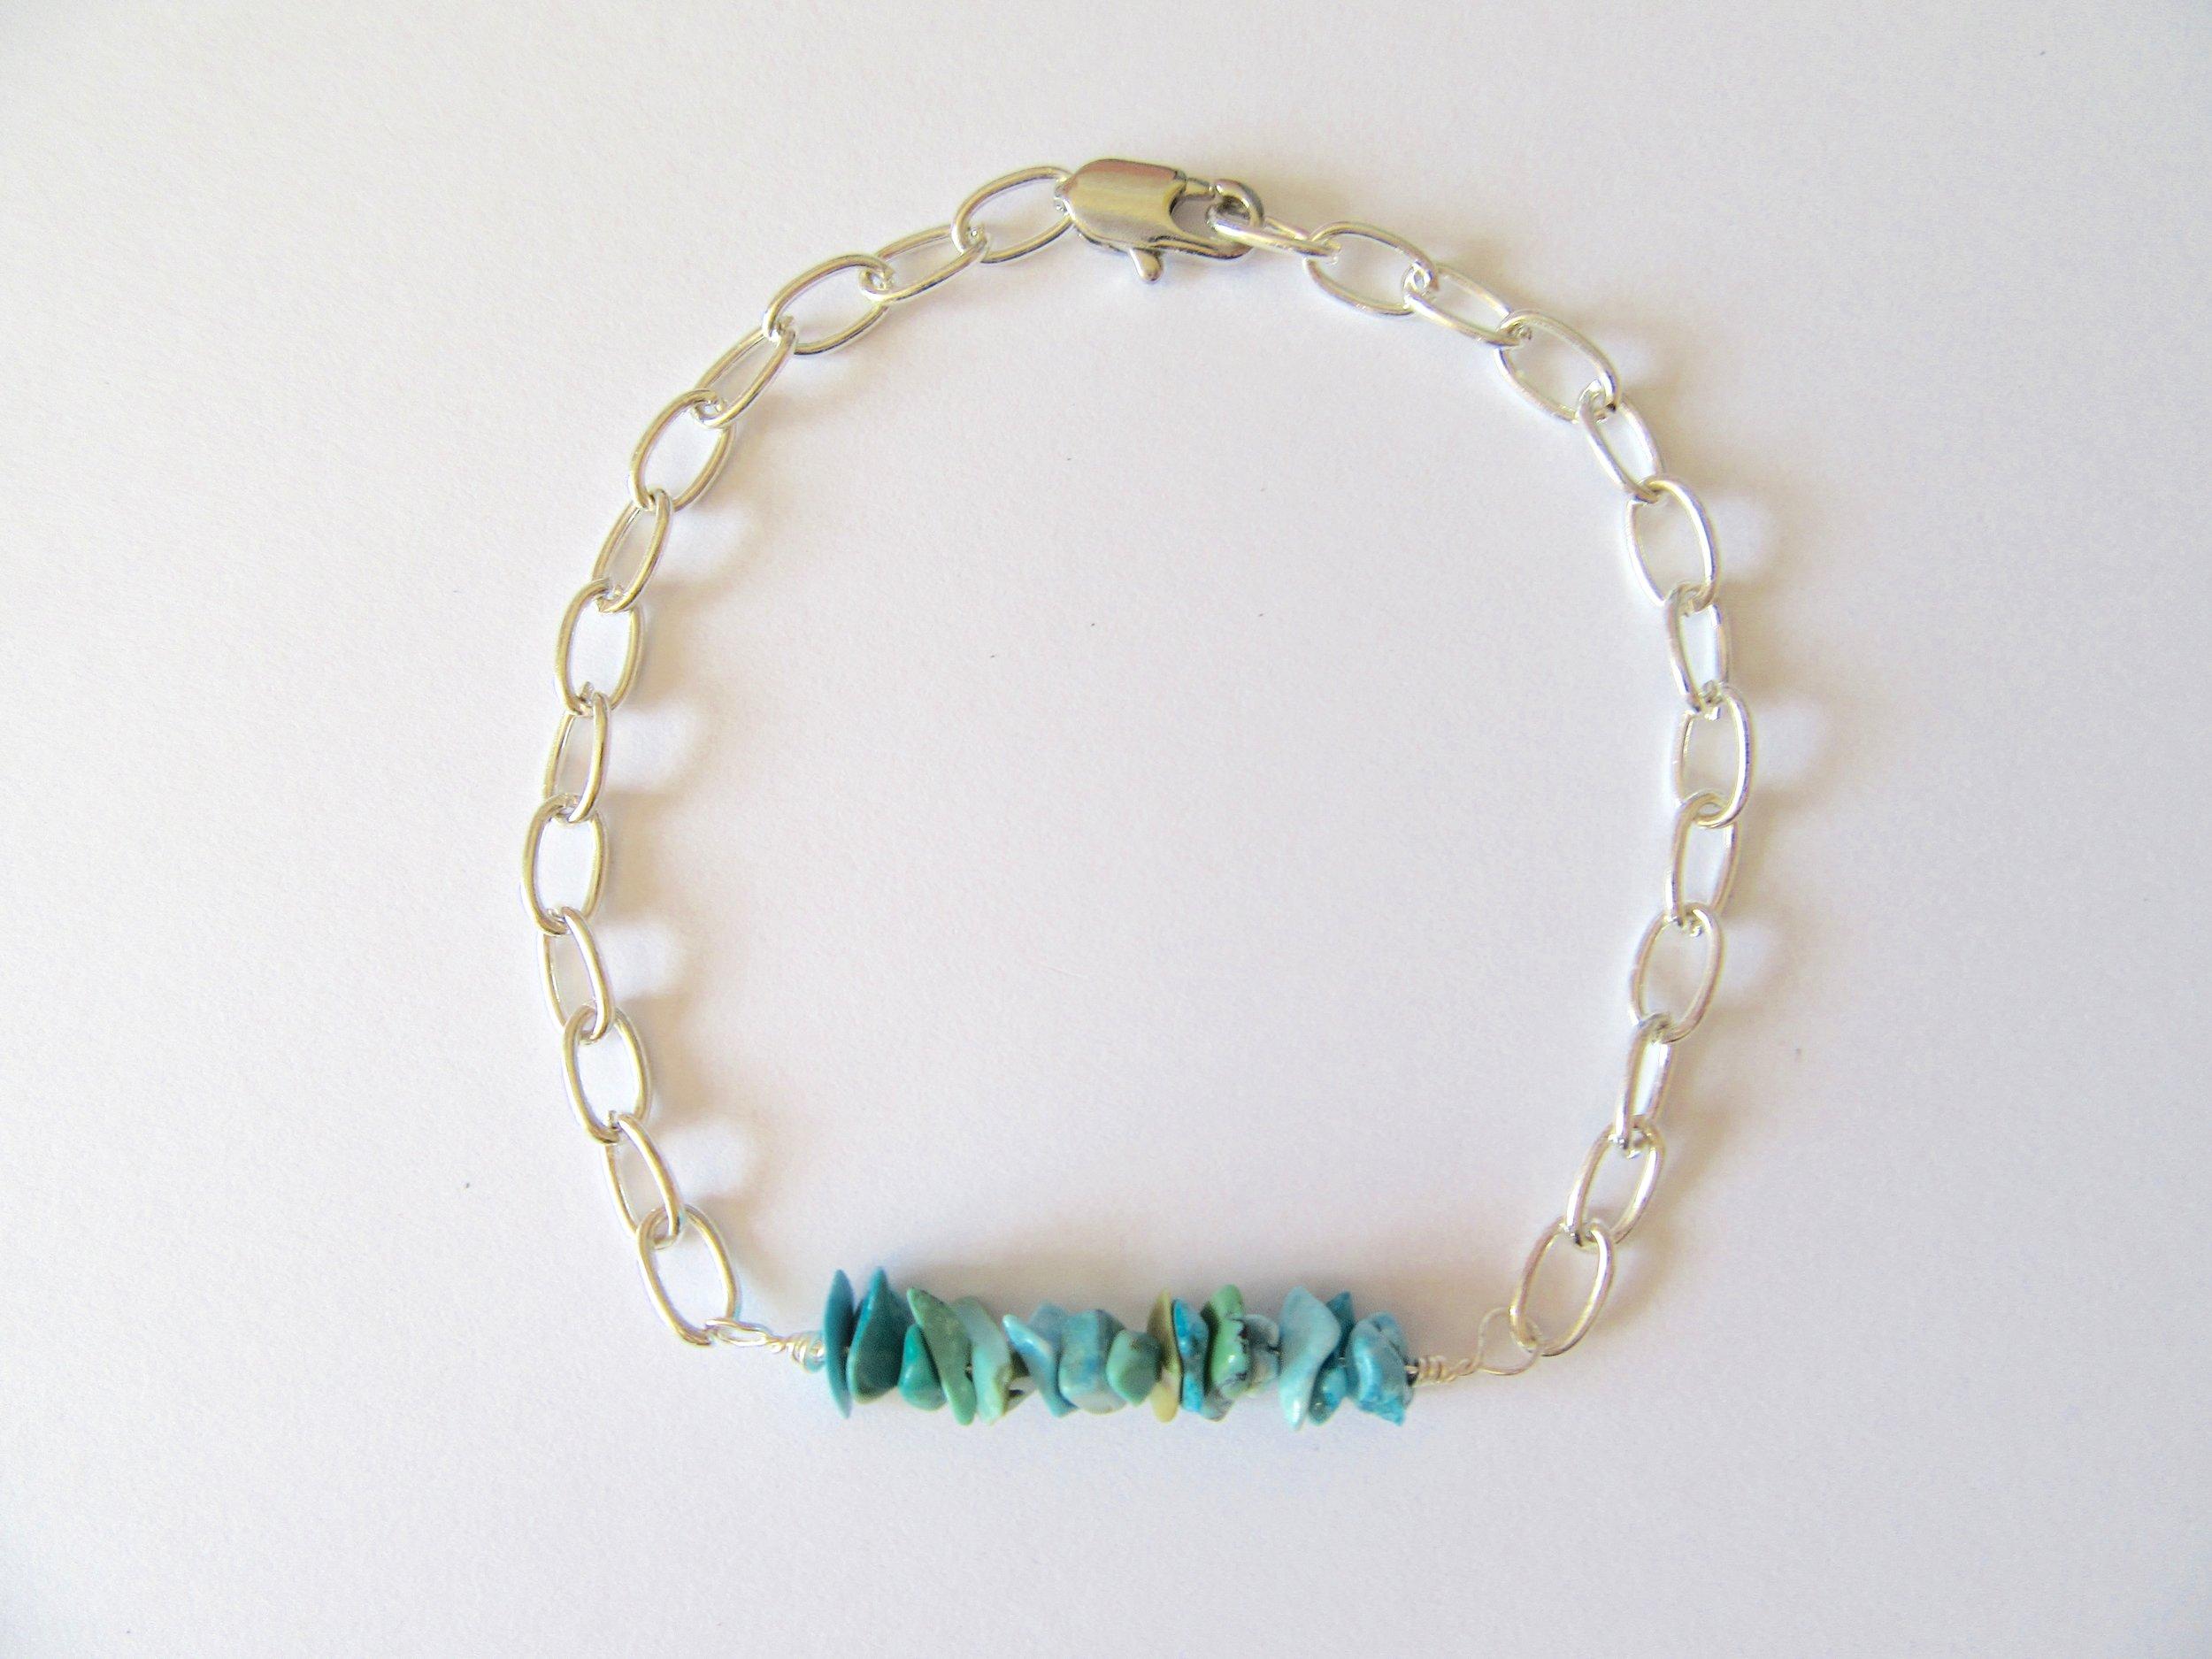 Turquoise_bracelet03.jpg